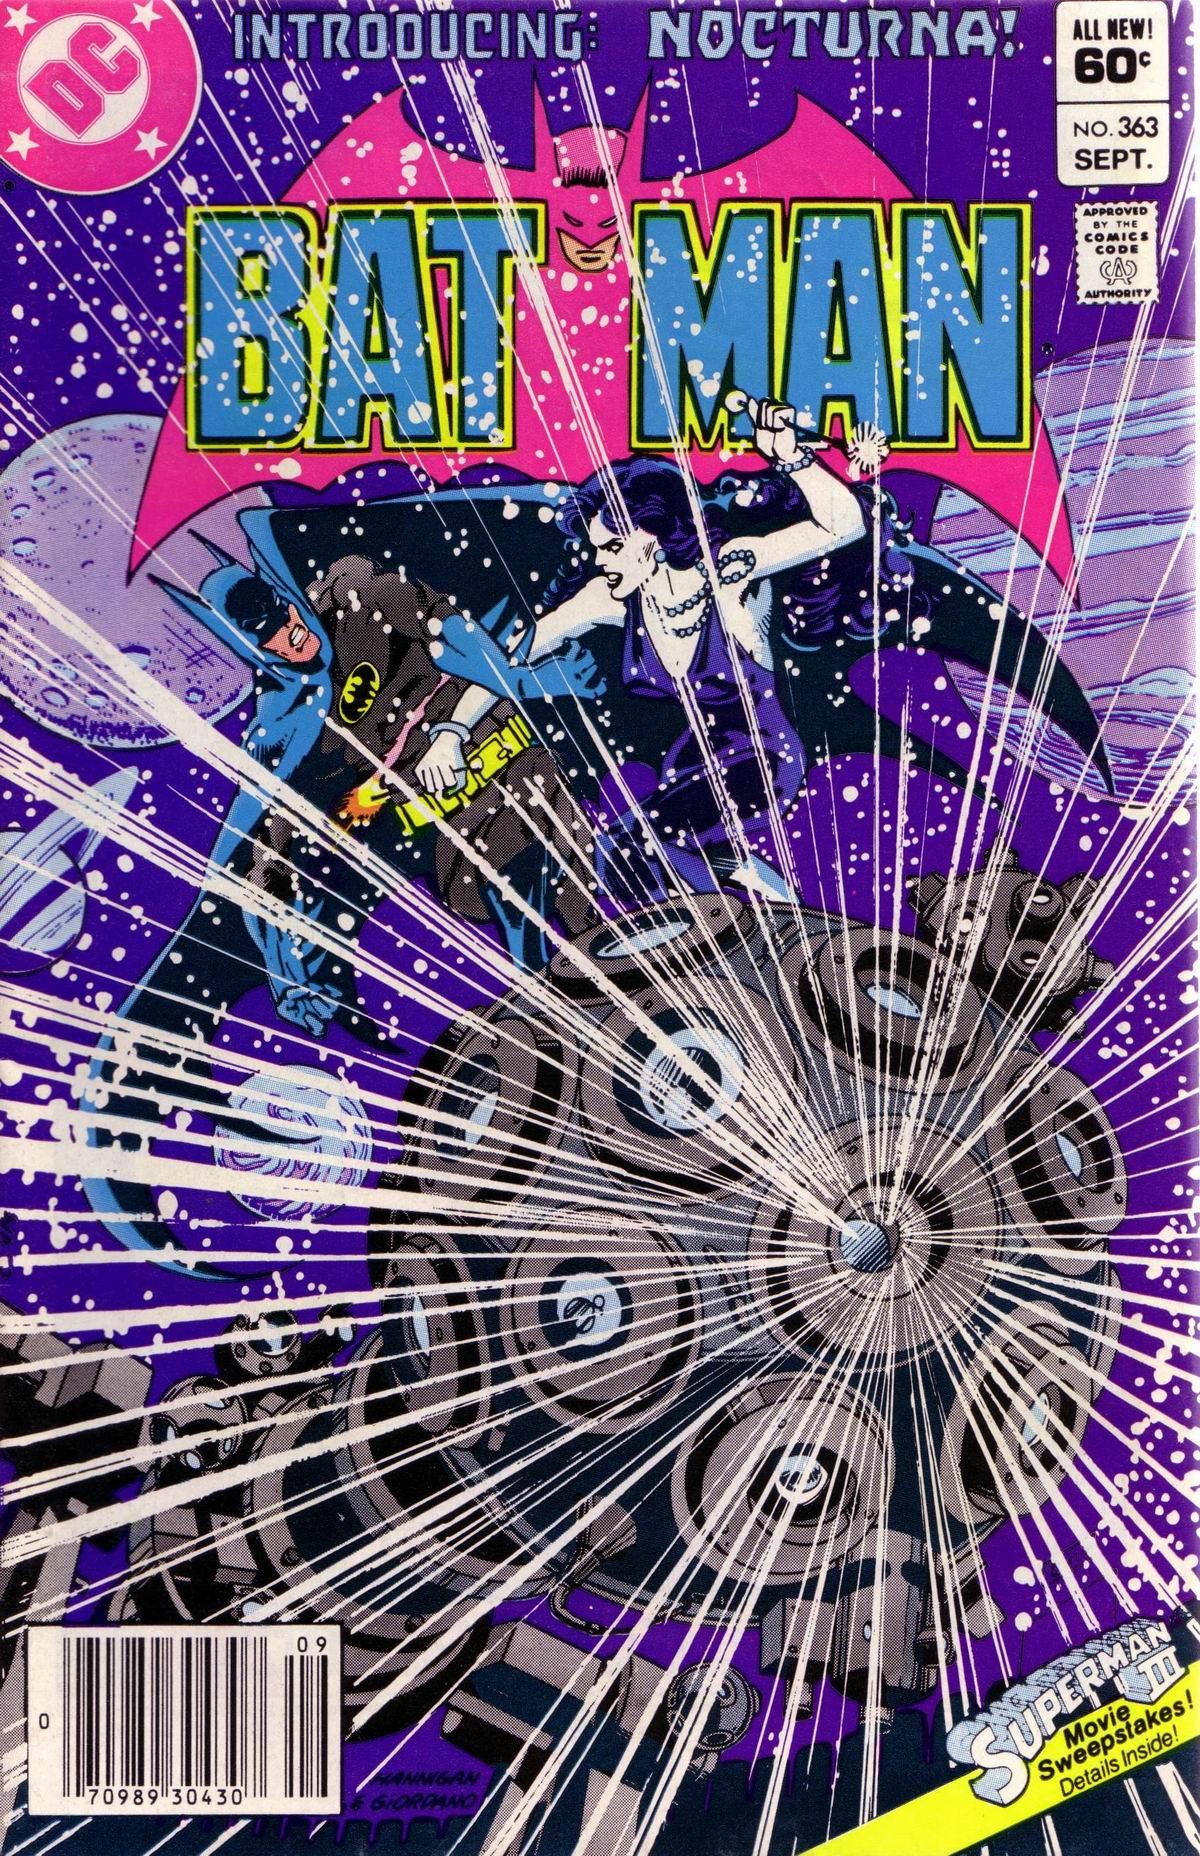 Batwoman (Kate Kane) Batman_363